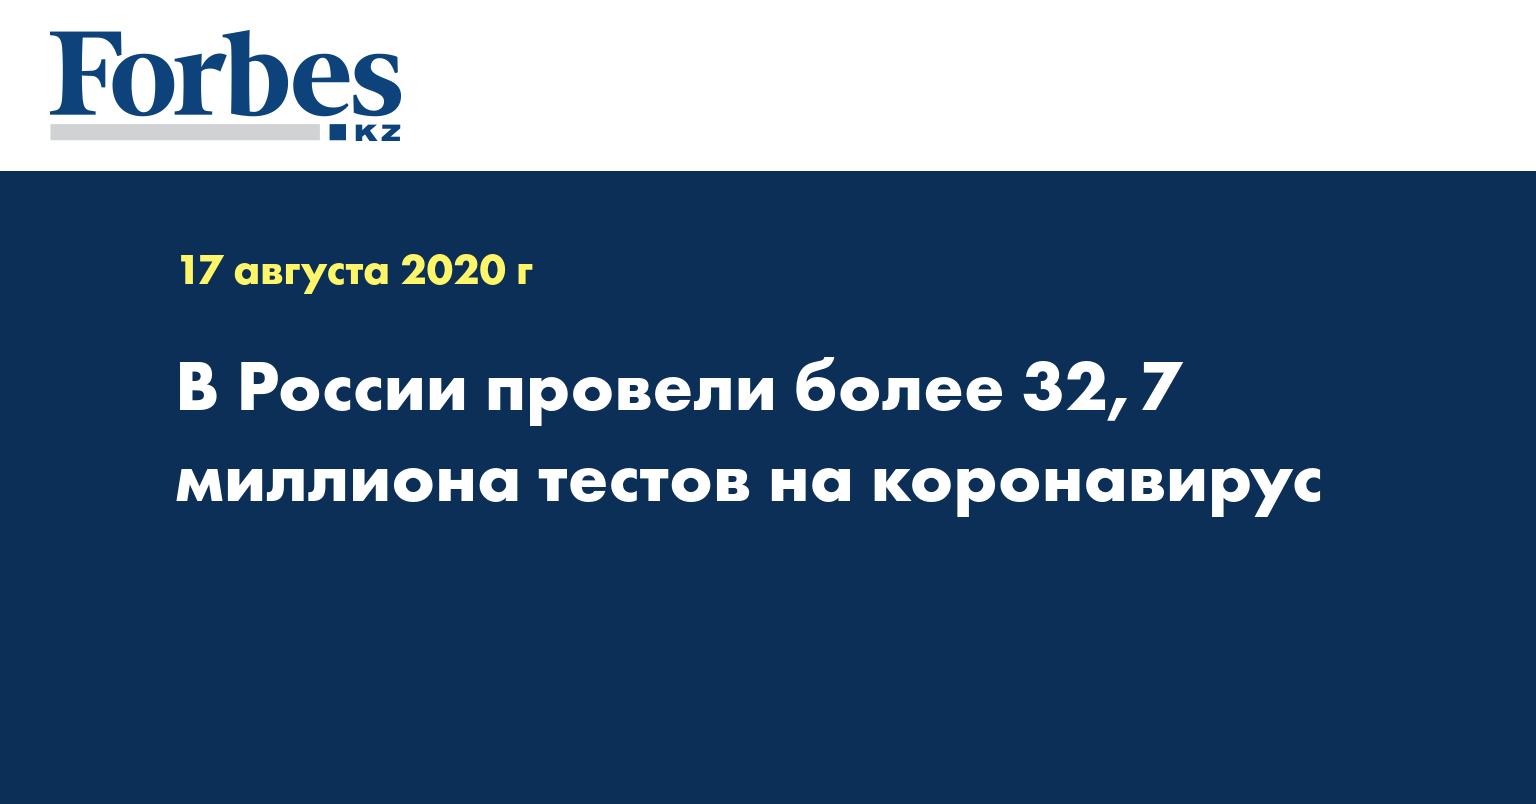 В России провели более 32,7 миллиона тестов на коронавирус